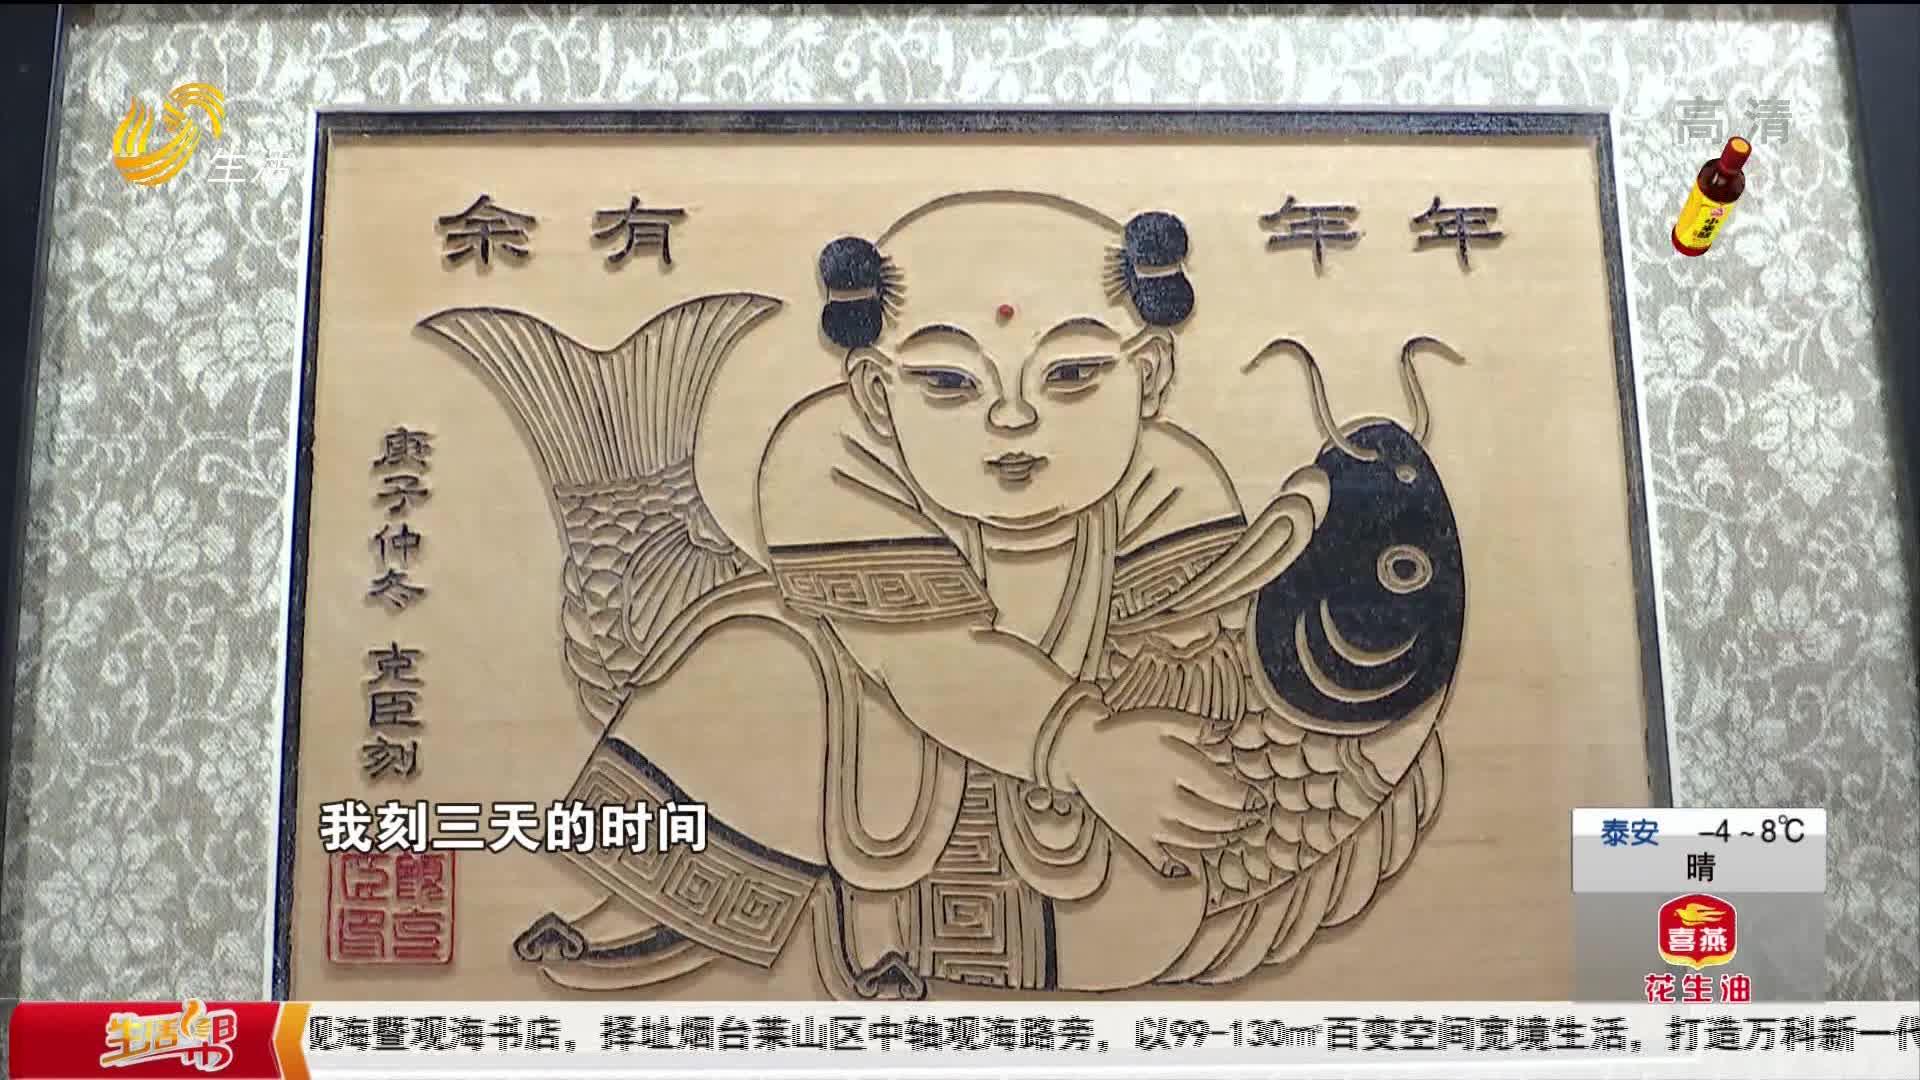 传承600多年 杨家埠木版年画留住年味